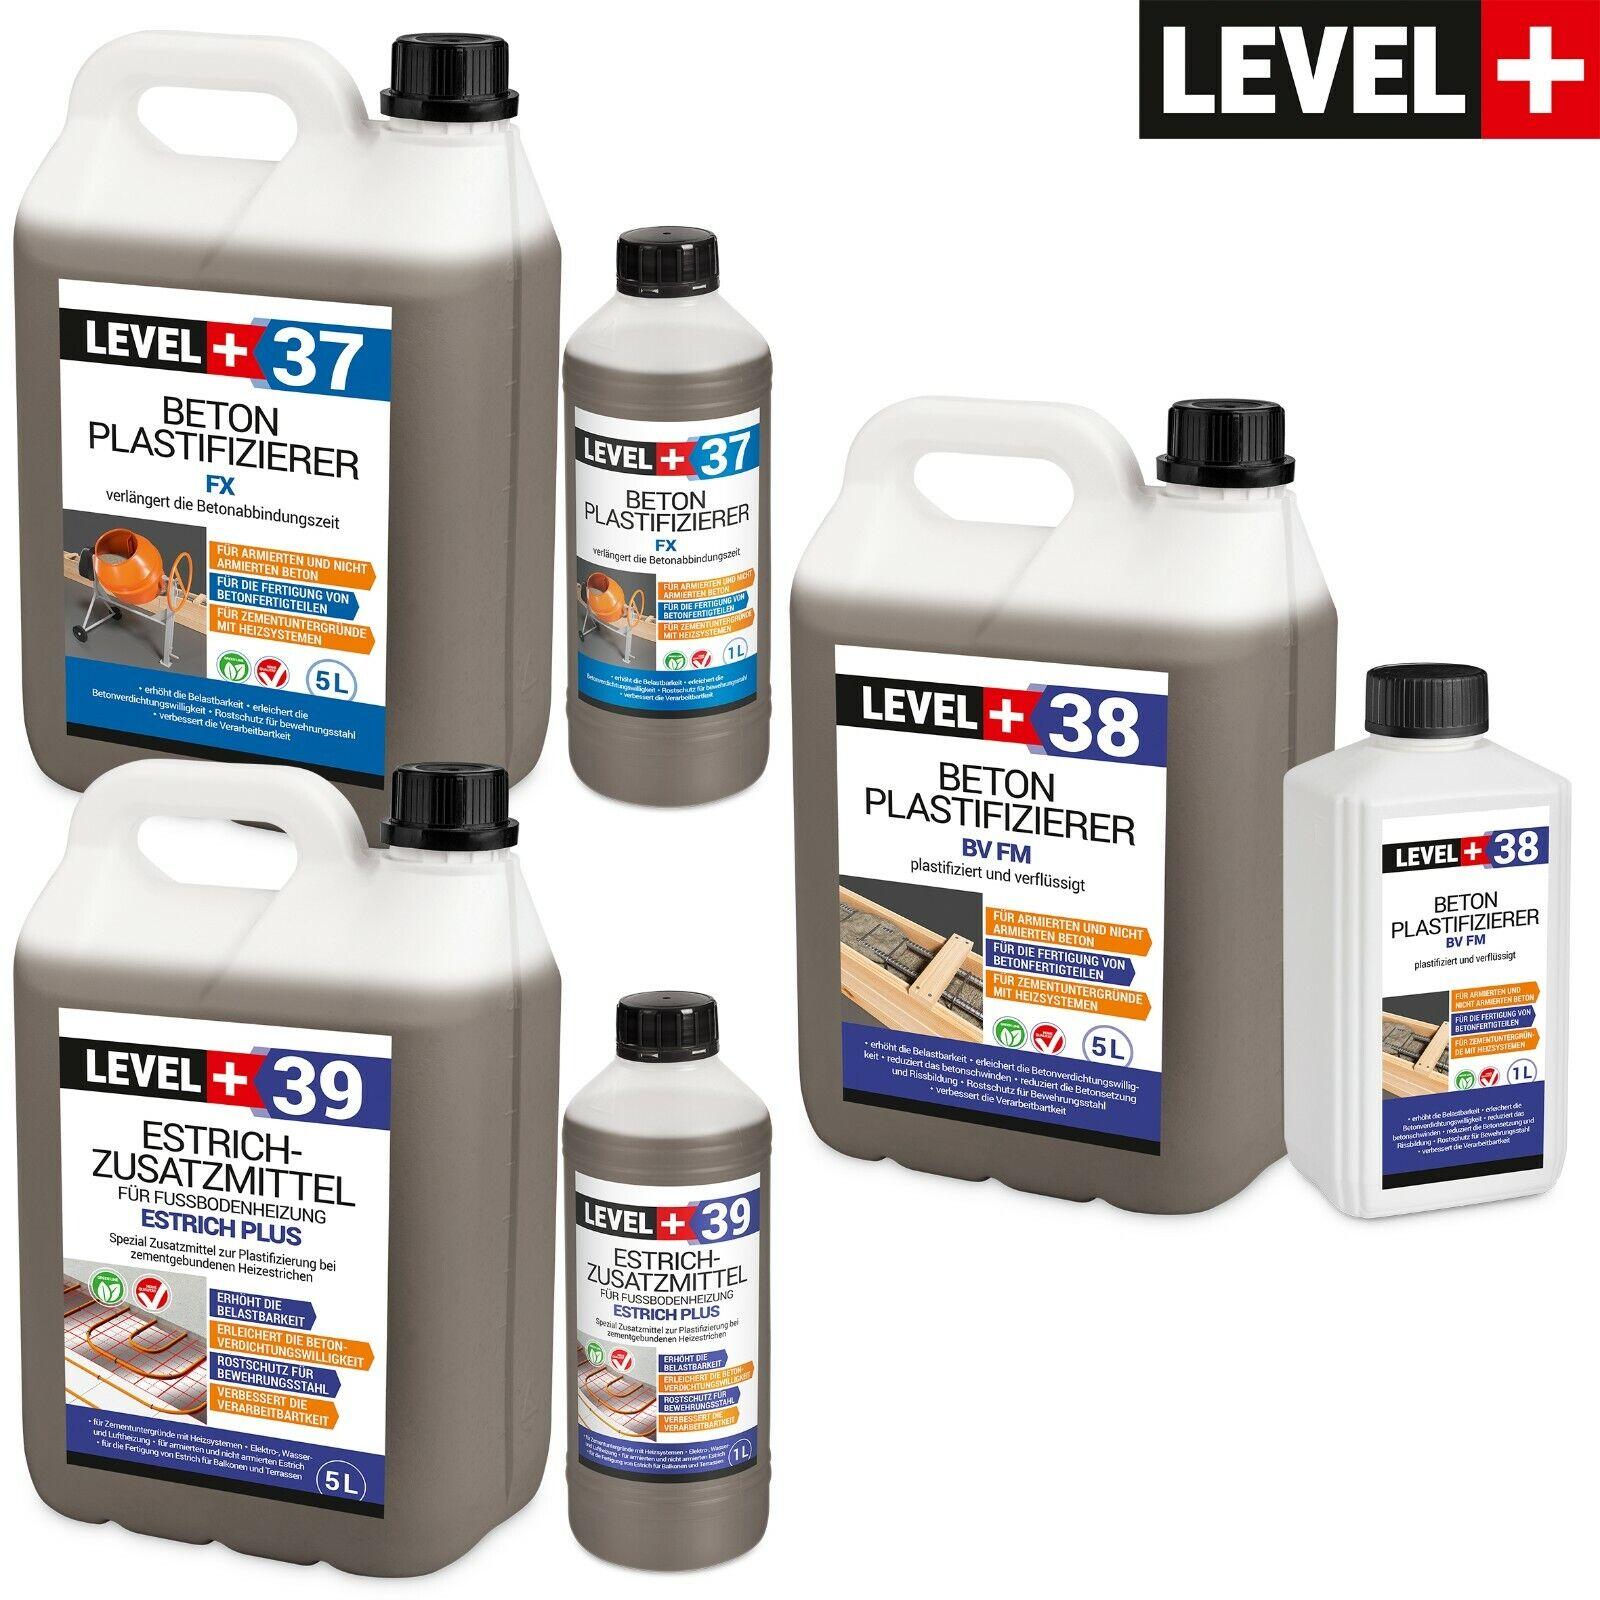 Beton Plastifizierer, Betonverflüssiger Estrichzusatzmittel, Heizestrich PRO Z02